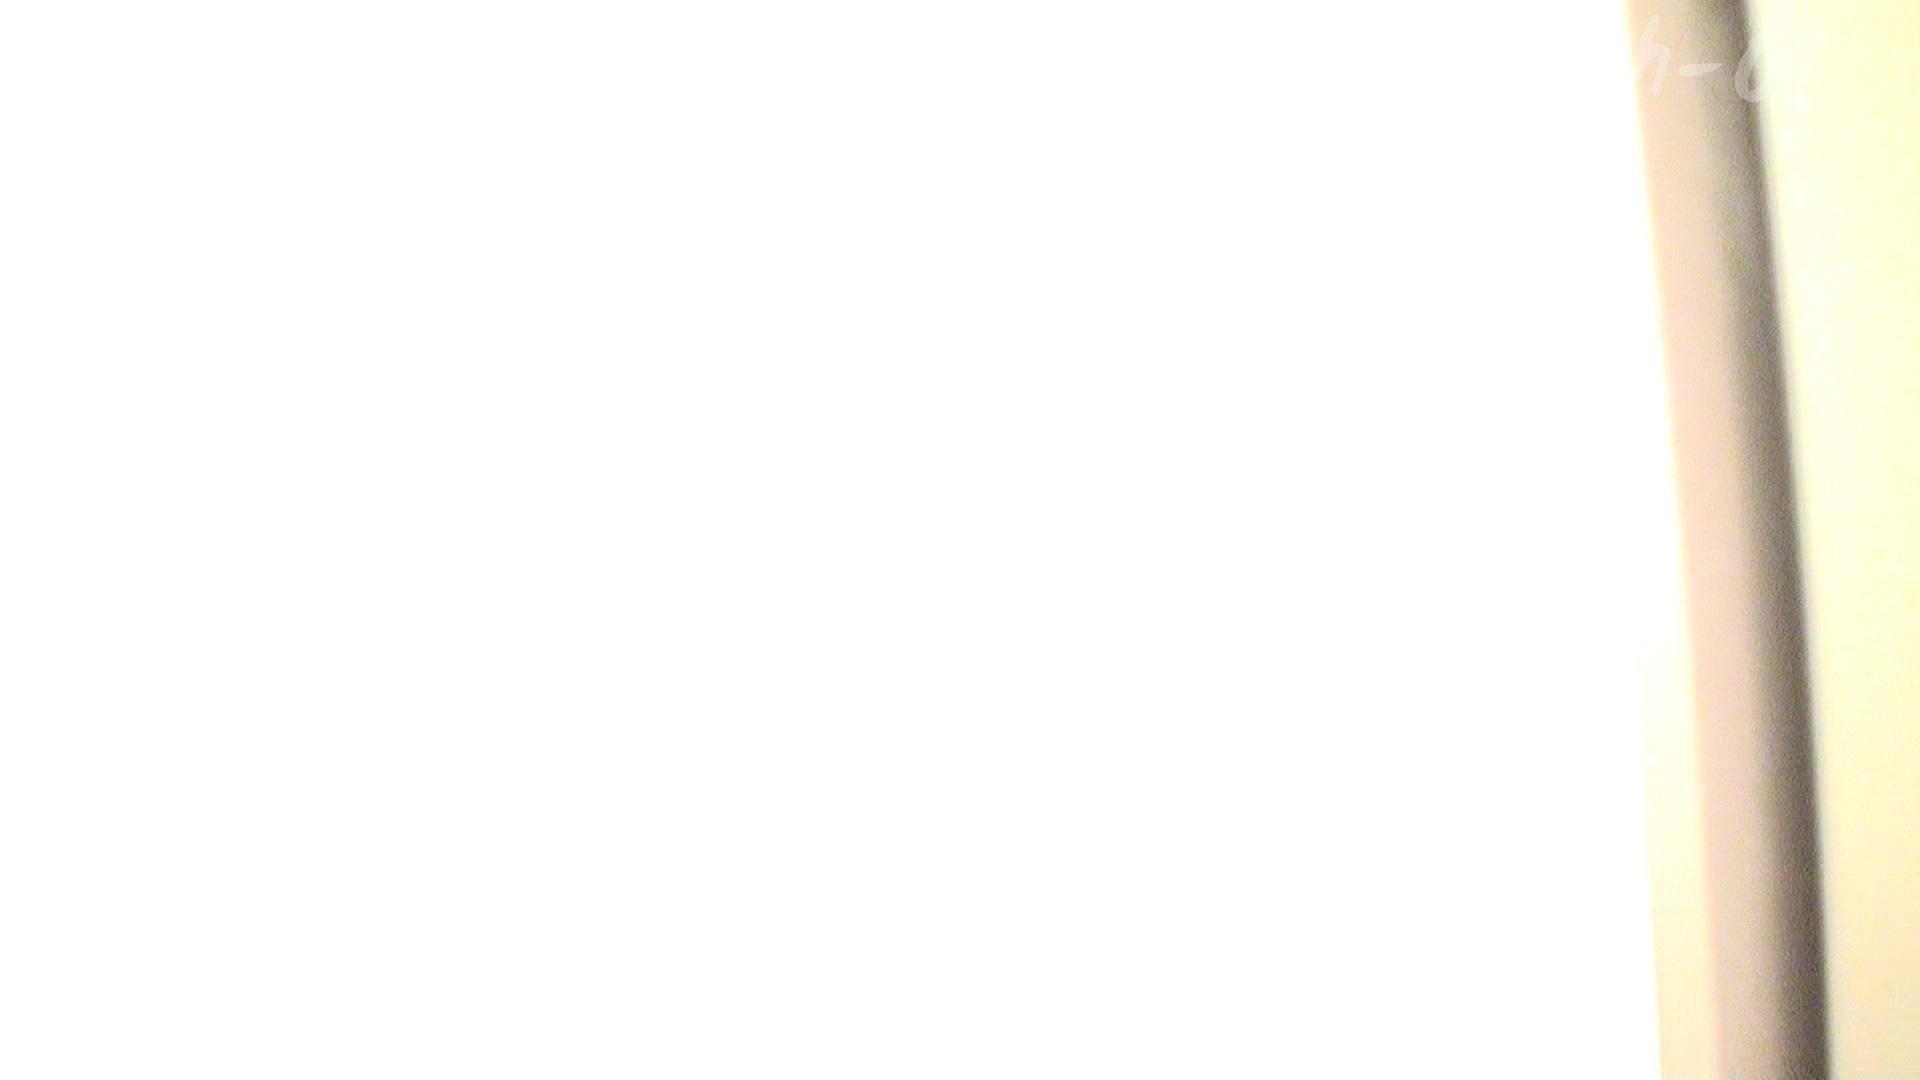 ※100個限定販売 至高下半身盗撮 プレミアム Vol.1 ハイビジョン 洗面所のぞき | 名作殿堂動画  103枚 31